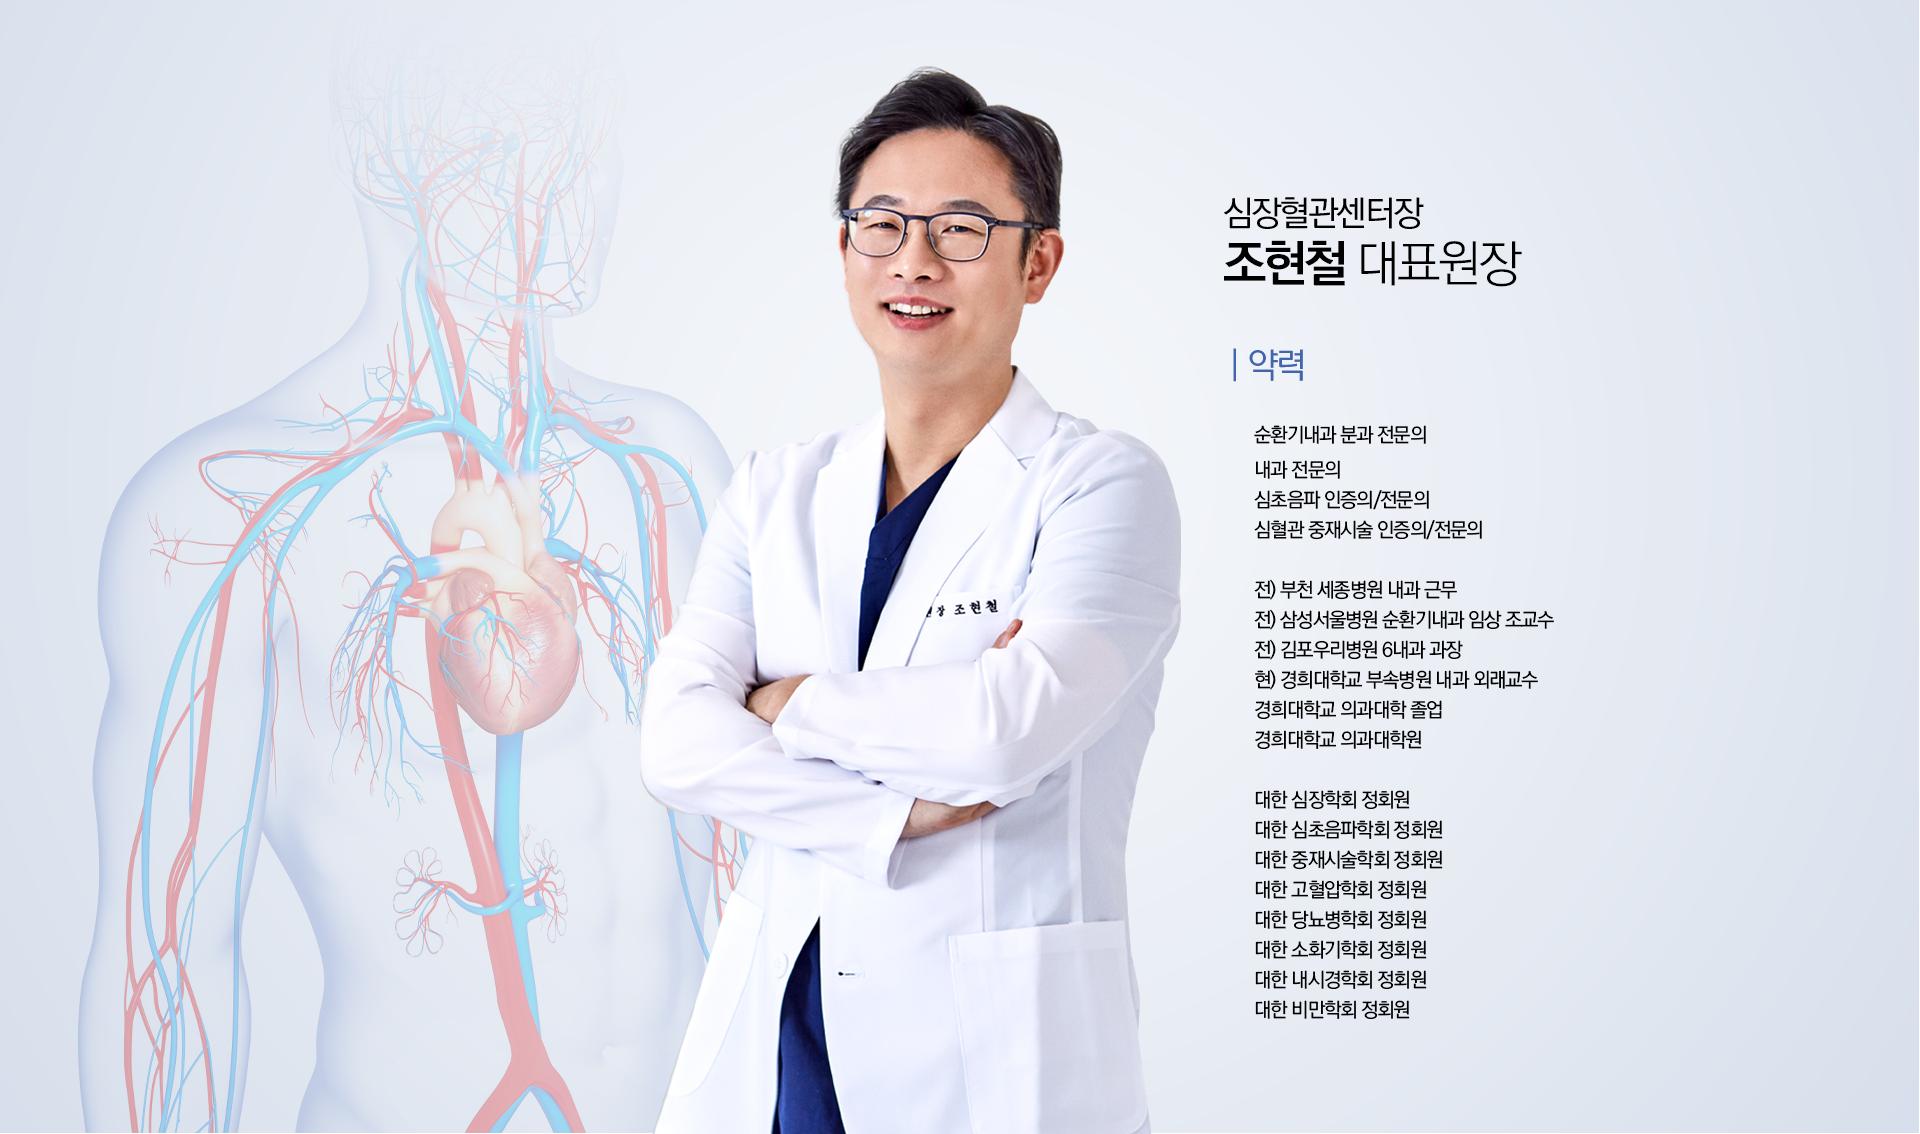 심장내과전문의 의료진소개